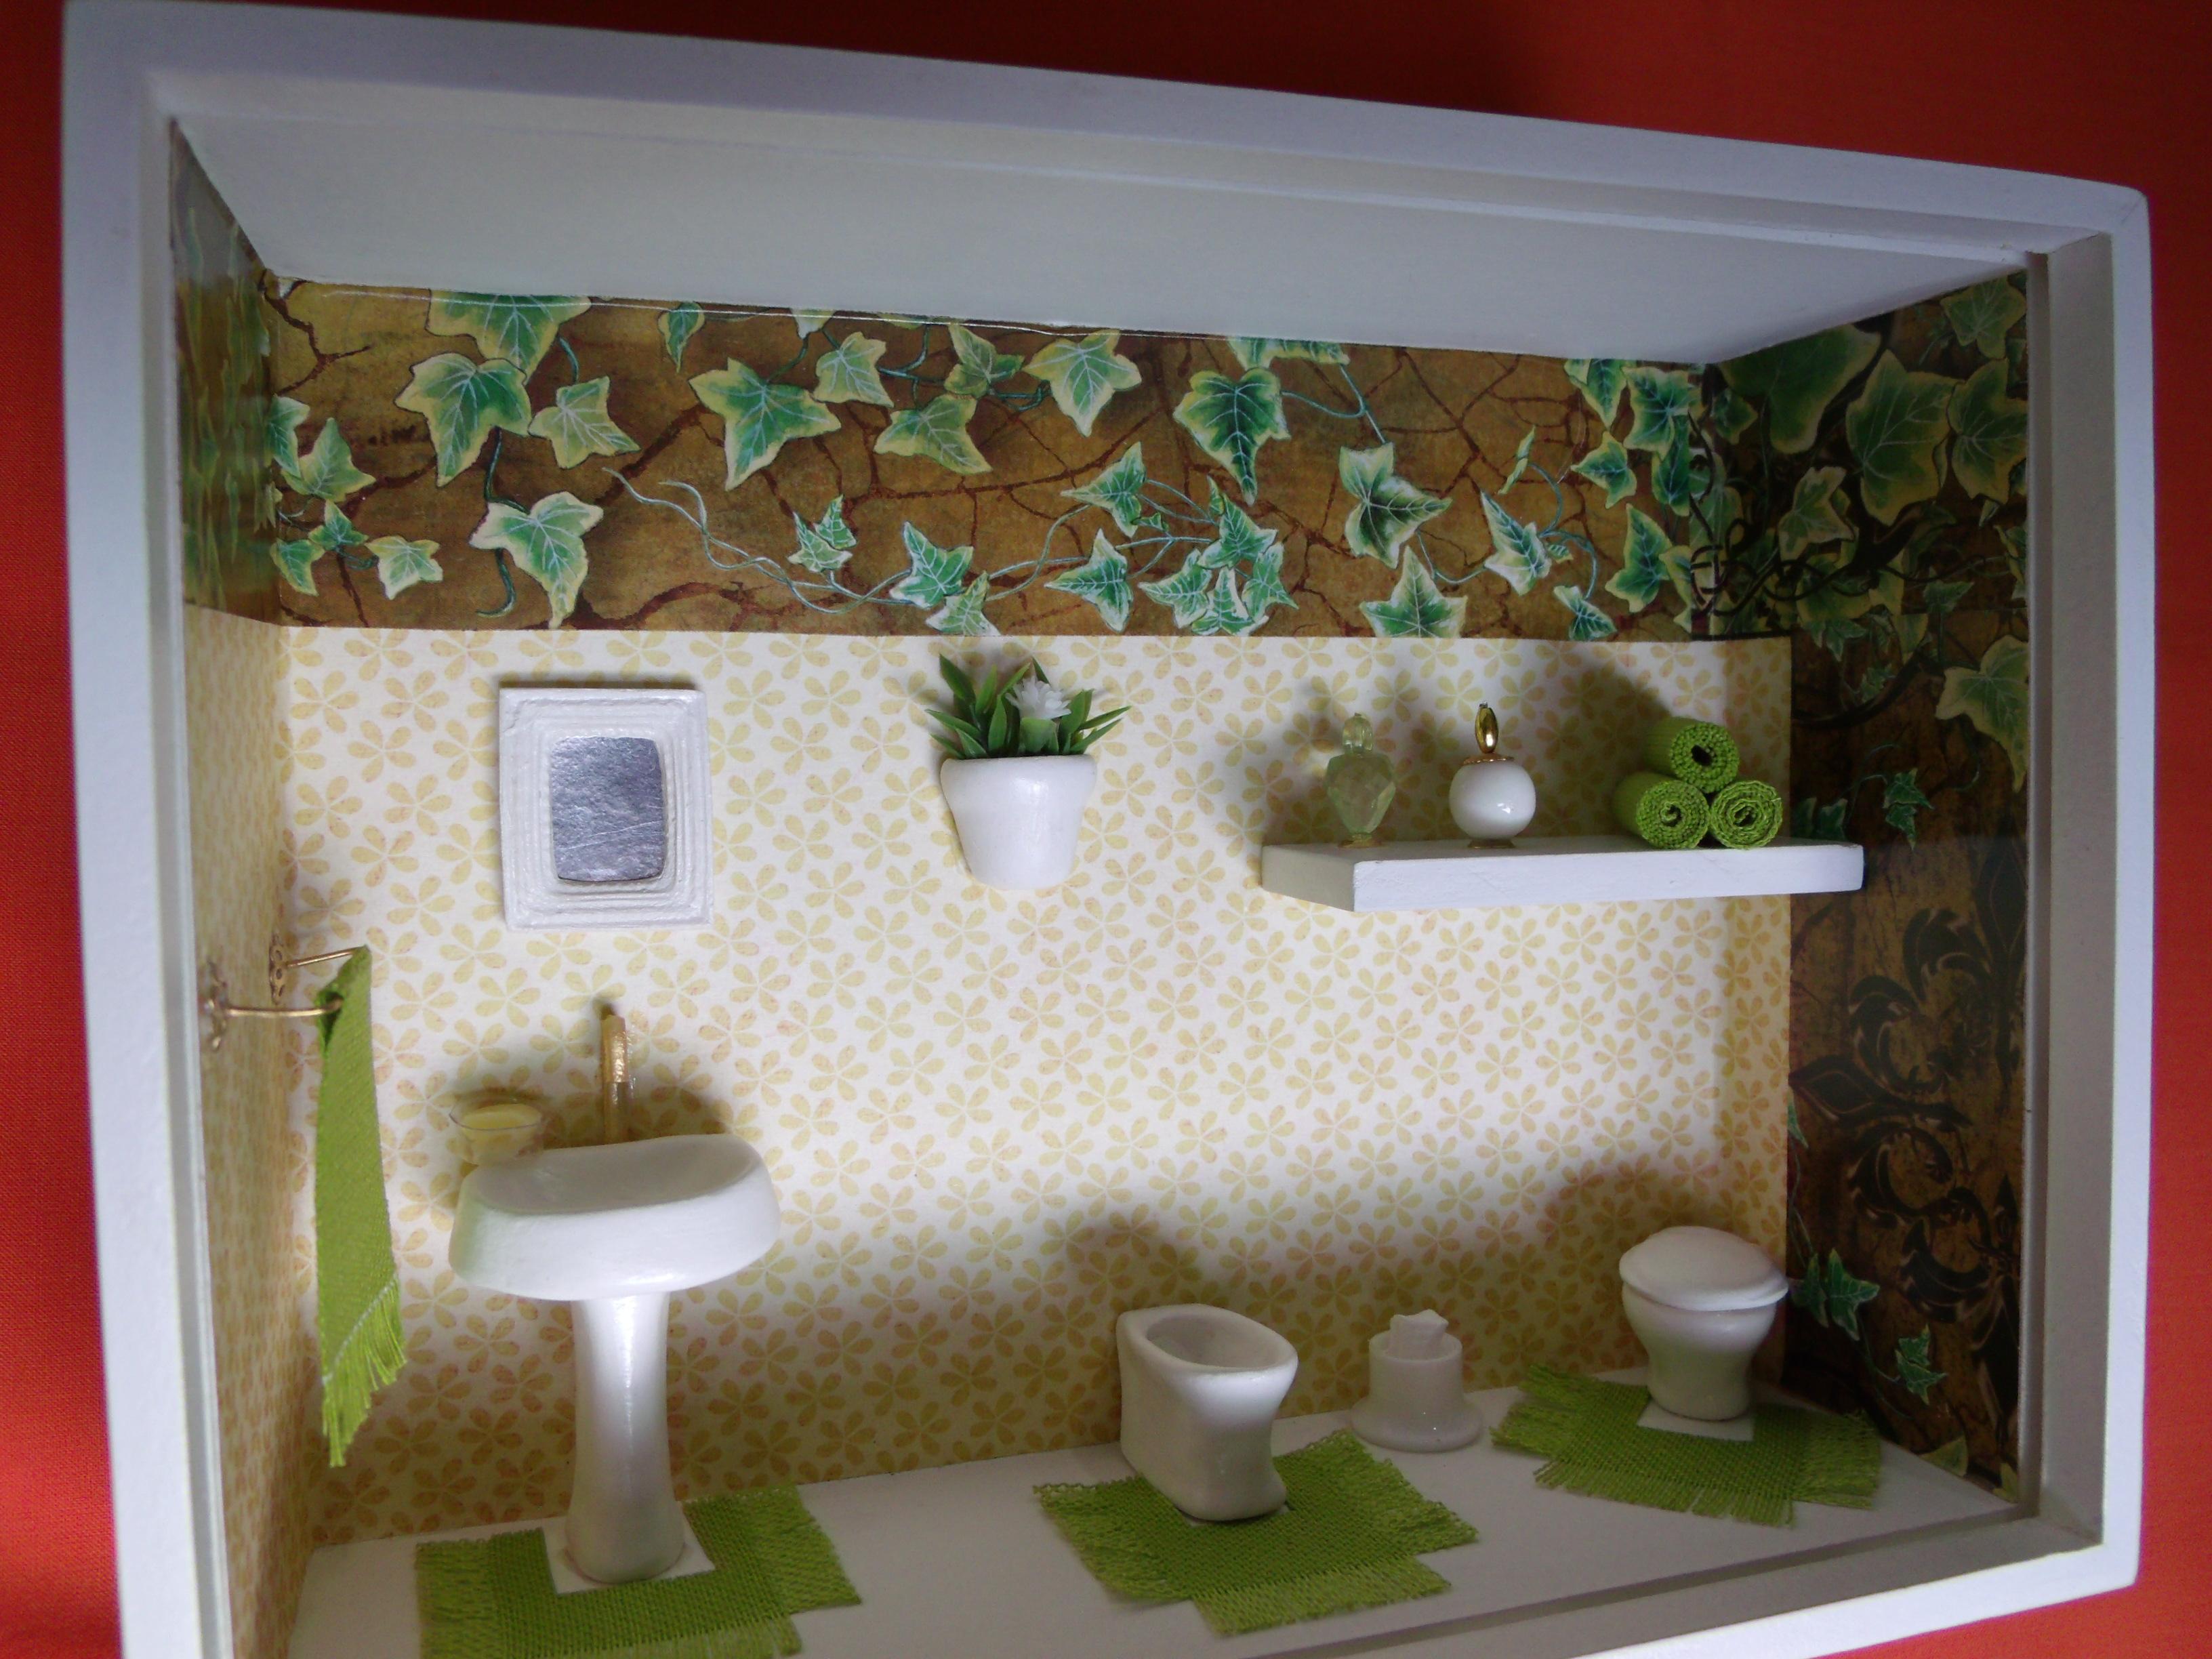 nicho de banheiro n presentes nicho de banheiro n quadro para banheiro #A0312B 3264x2448 Banheiro Com Nicho Vermelho